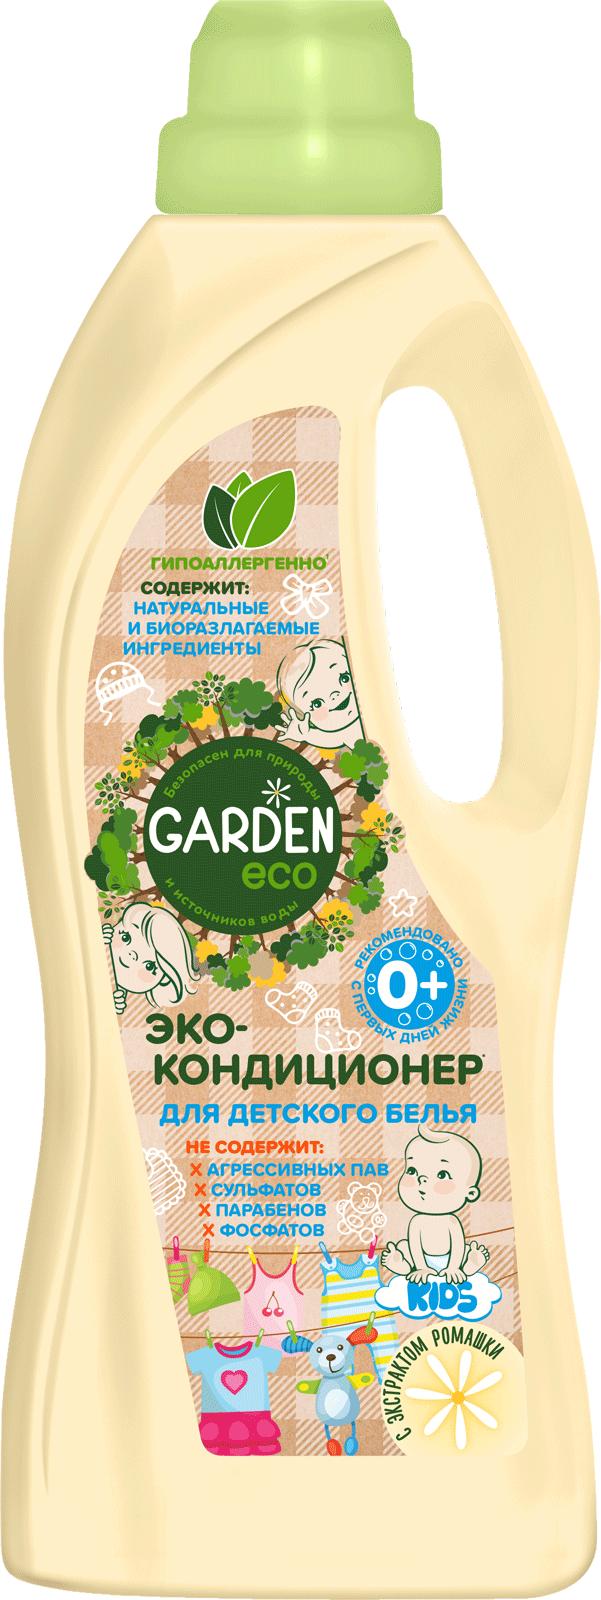 Эко-кондиционер-для-детского-белья-Garden